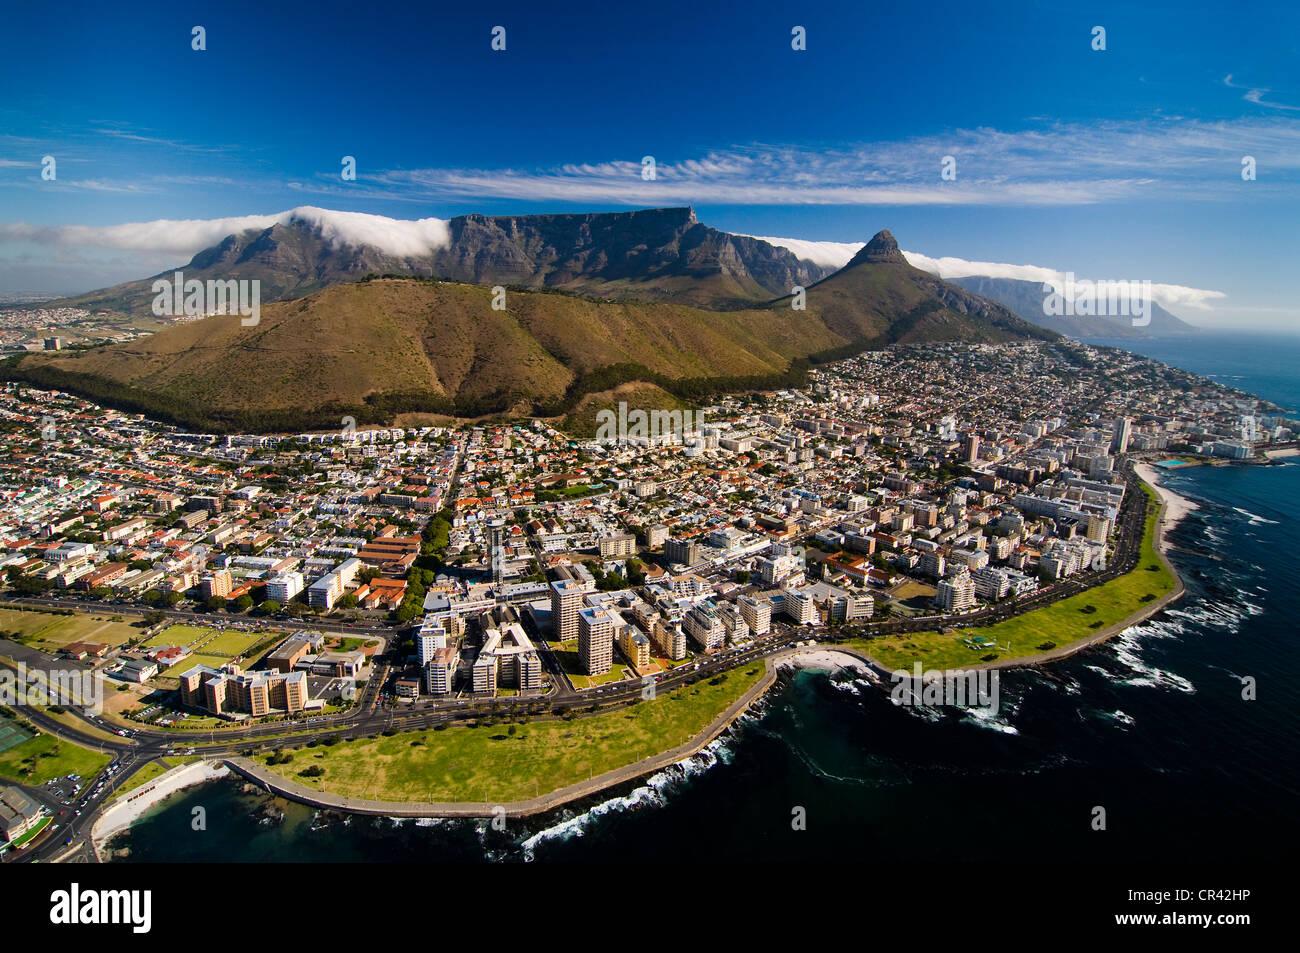 Table Mountain, vista aérea, con vistas a Ciudad del Cabo, Western Cape, Sudáfrica, África Imagen De Stock